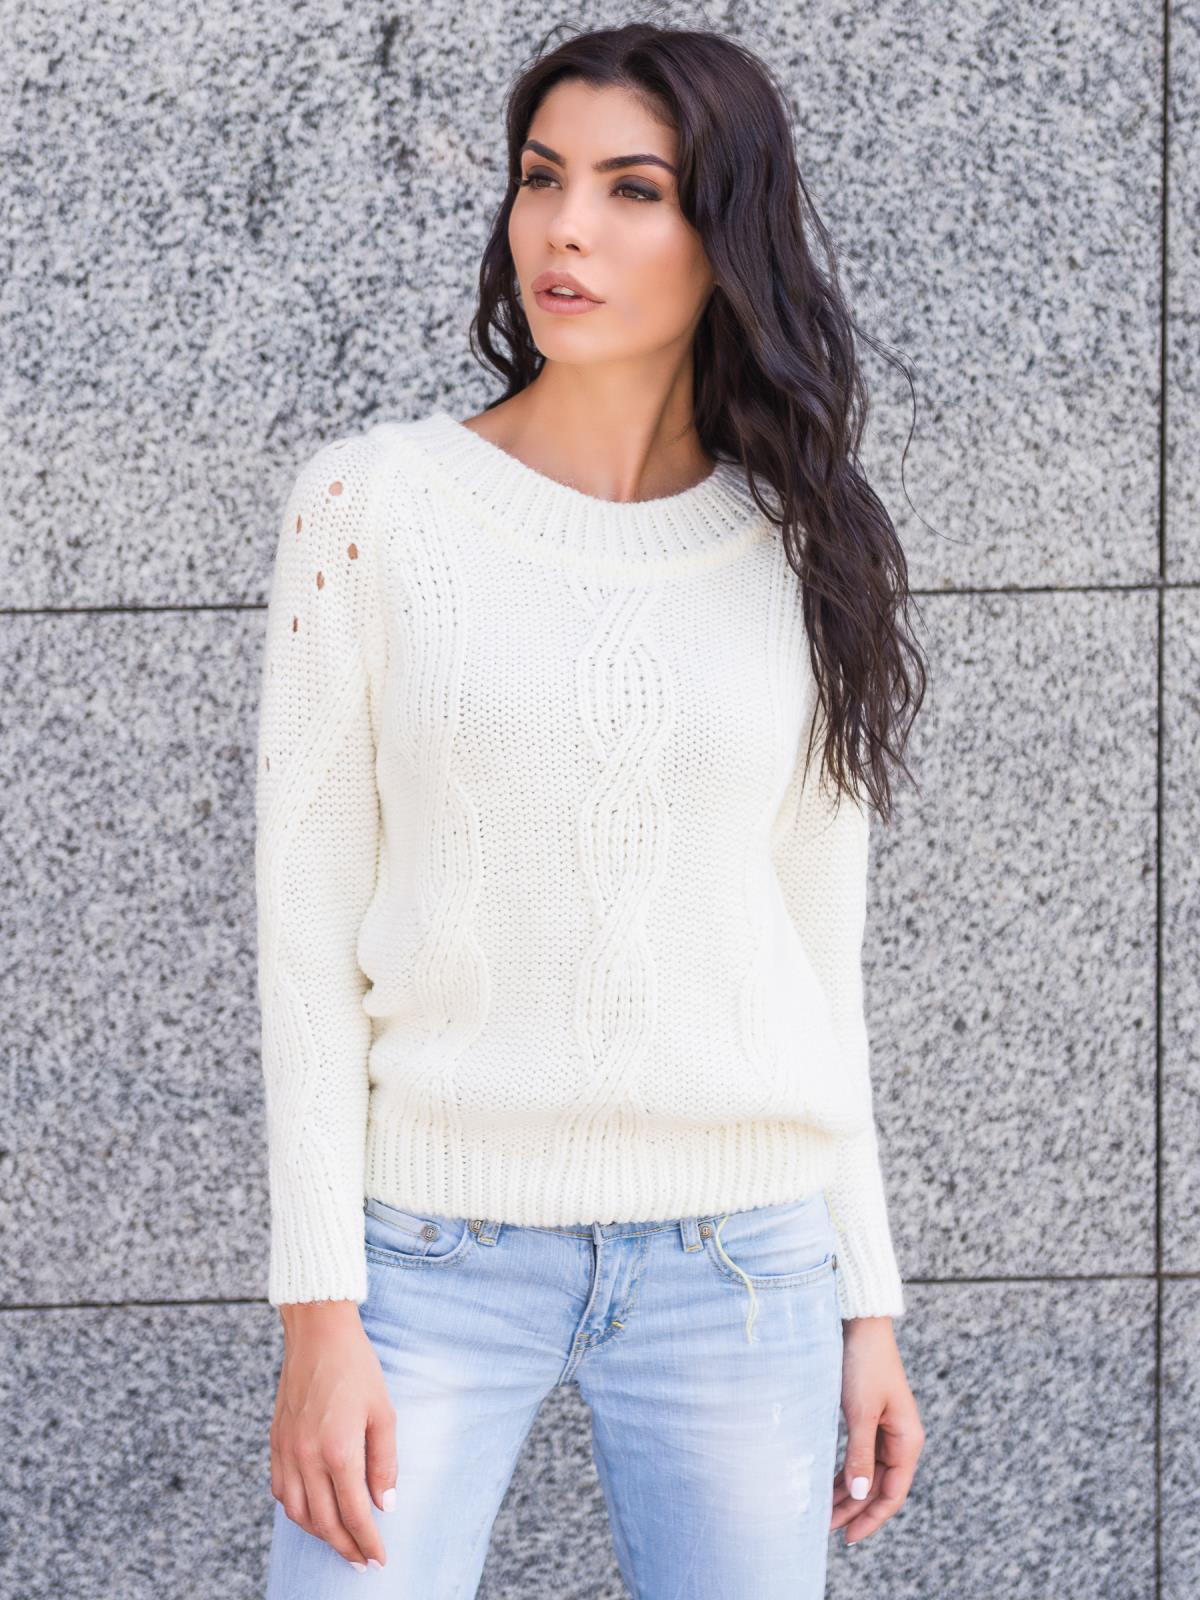 Пуловер с вырезом на спинке - 13173, фото 1 – интернет-магазин Dressa